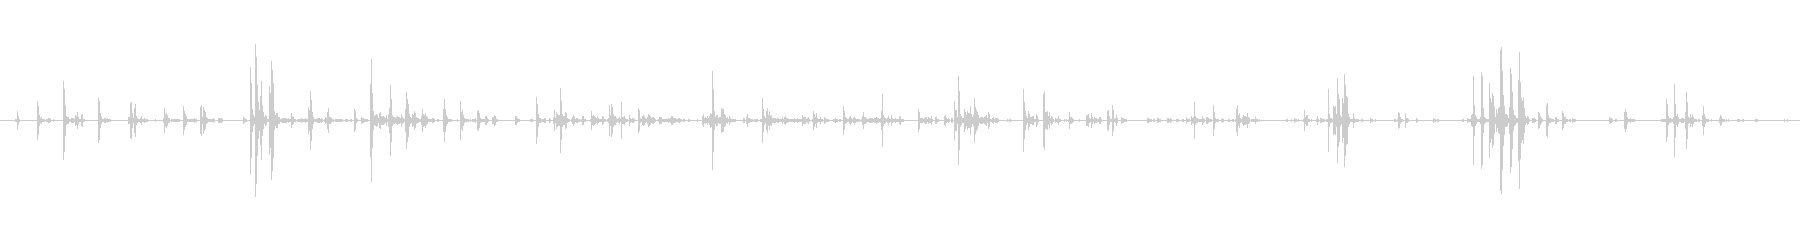 家庭 カップガラガラソフト01の未再生の波形